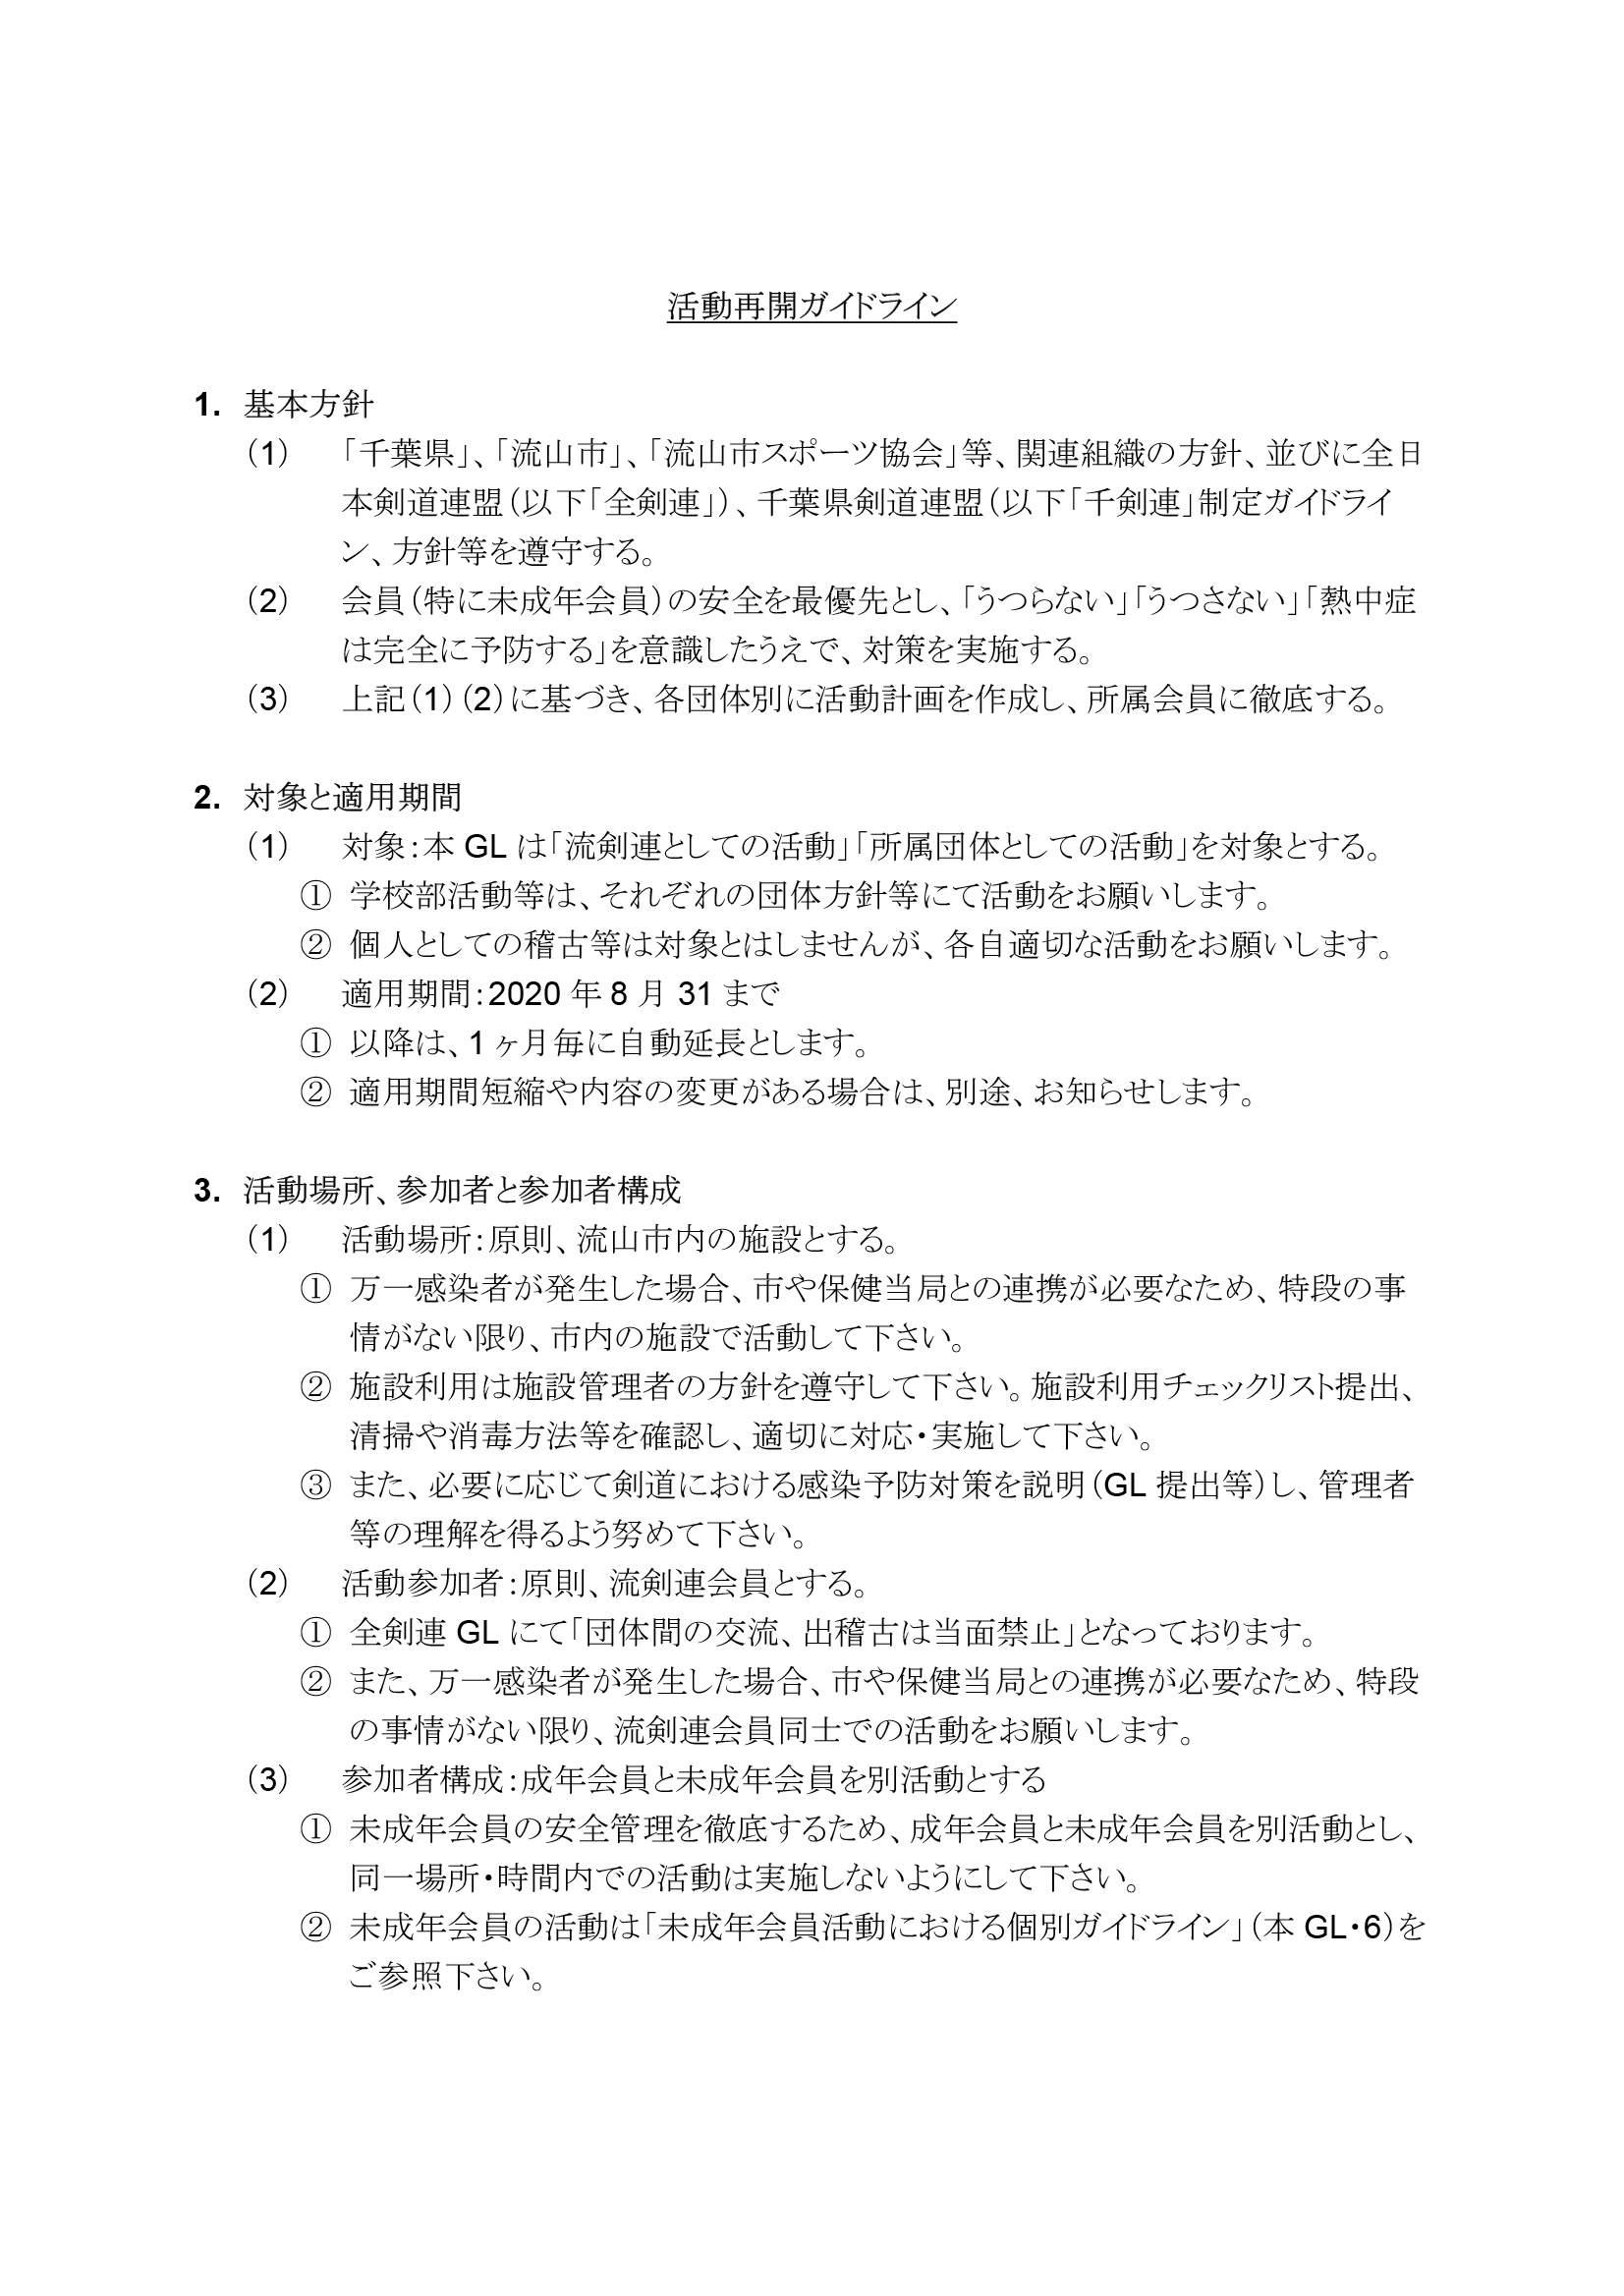 流剣連活動再開ガイドライン_0002